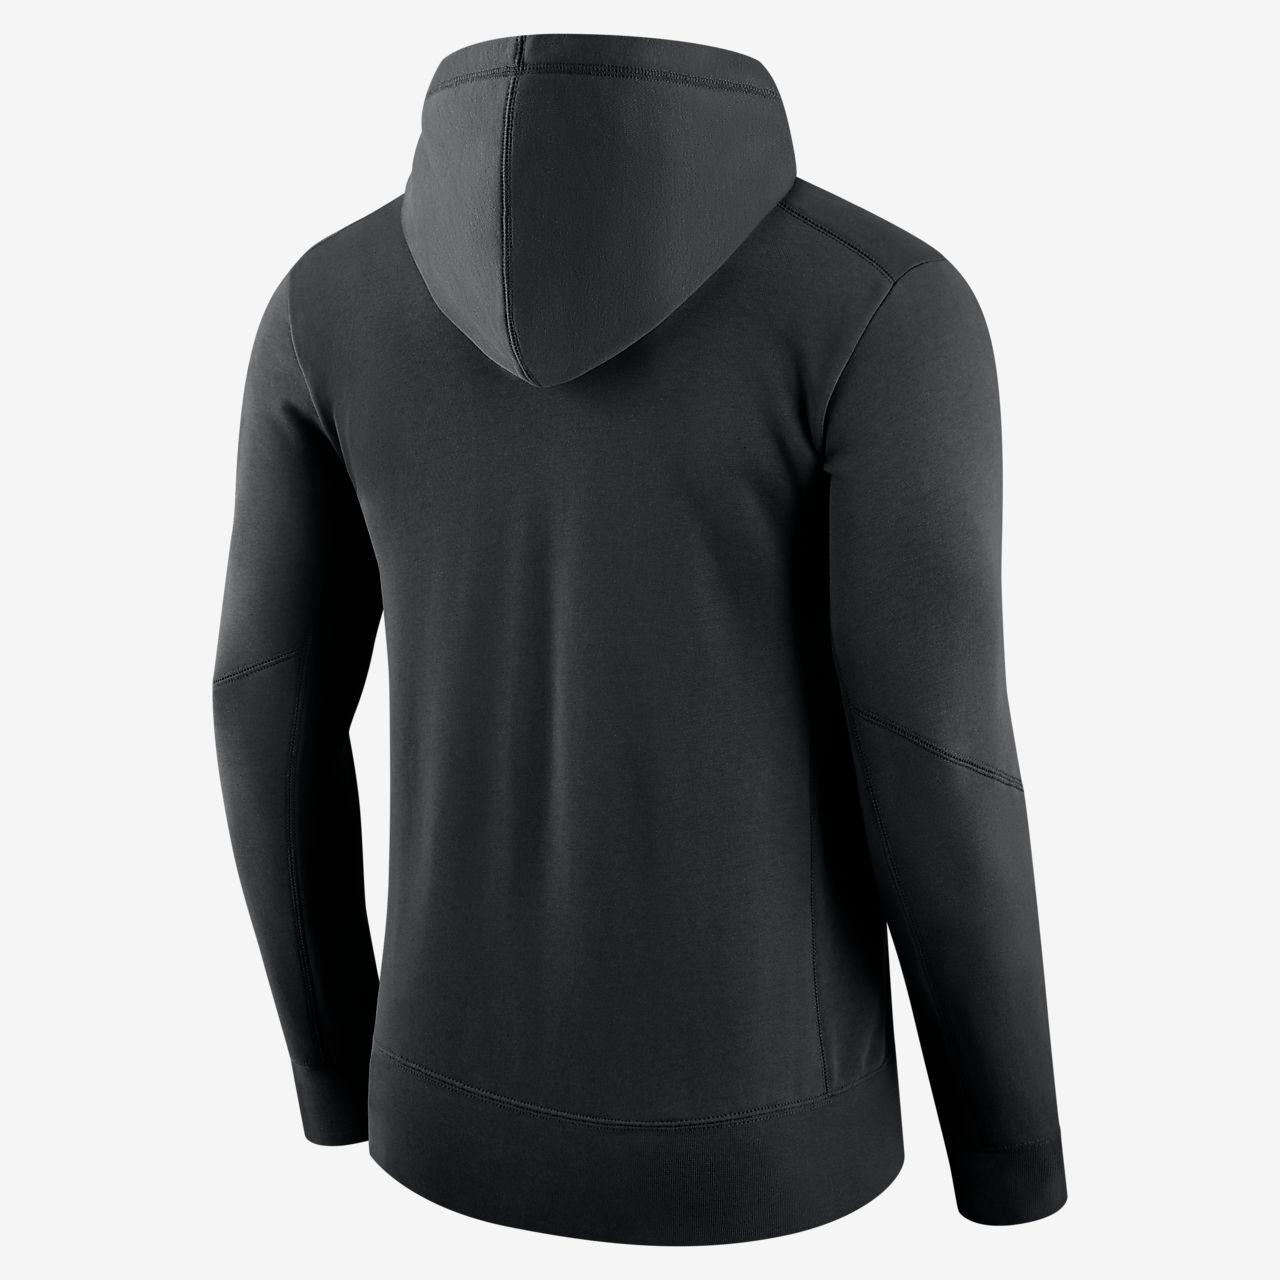 Felpa con cappuccio pullover Nike Fly Fleece (NFL Panthers) Uomo